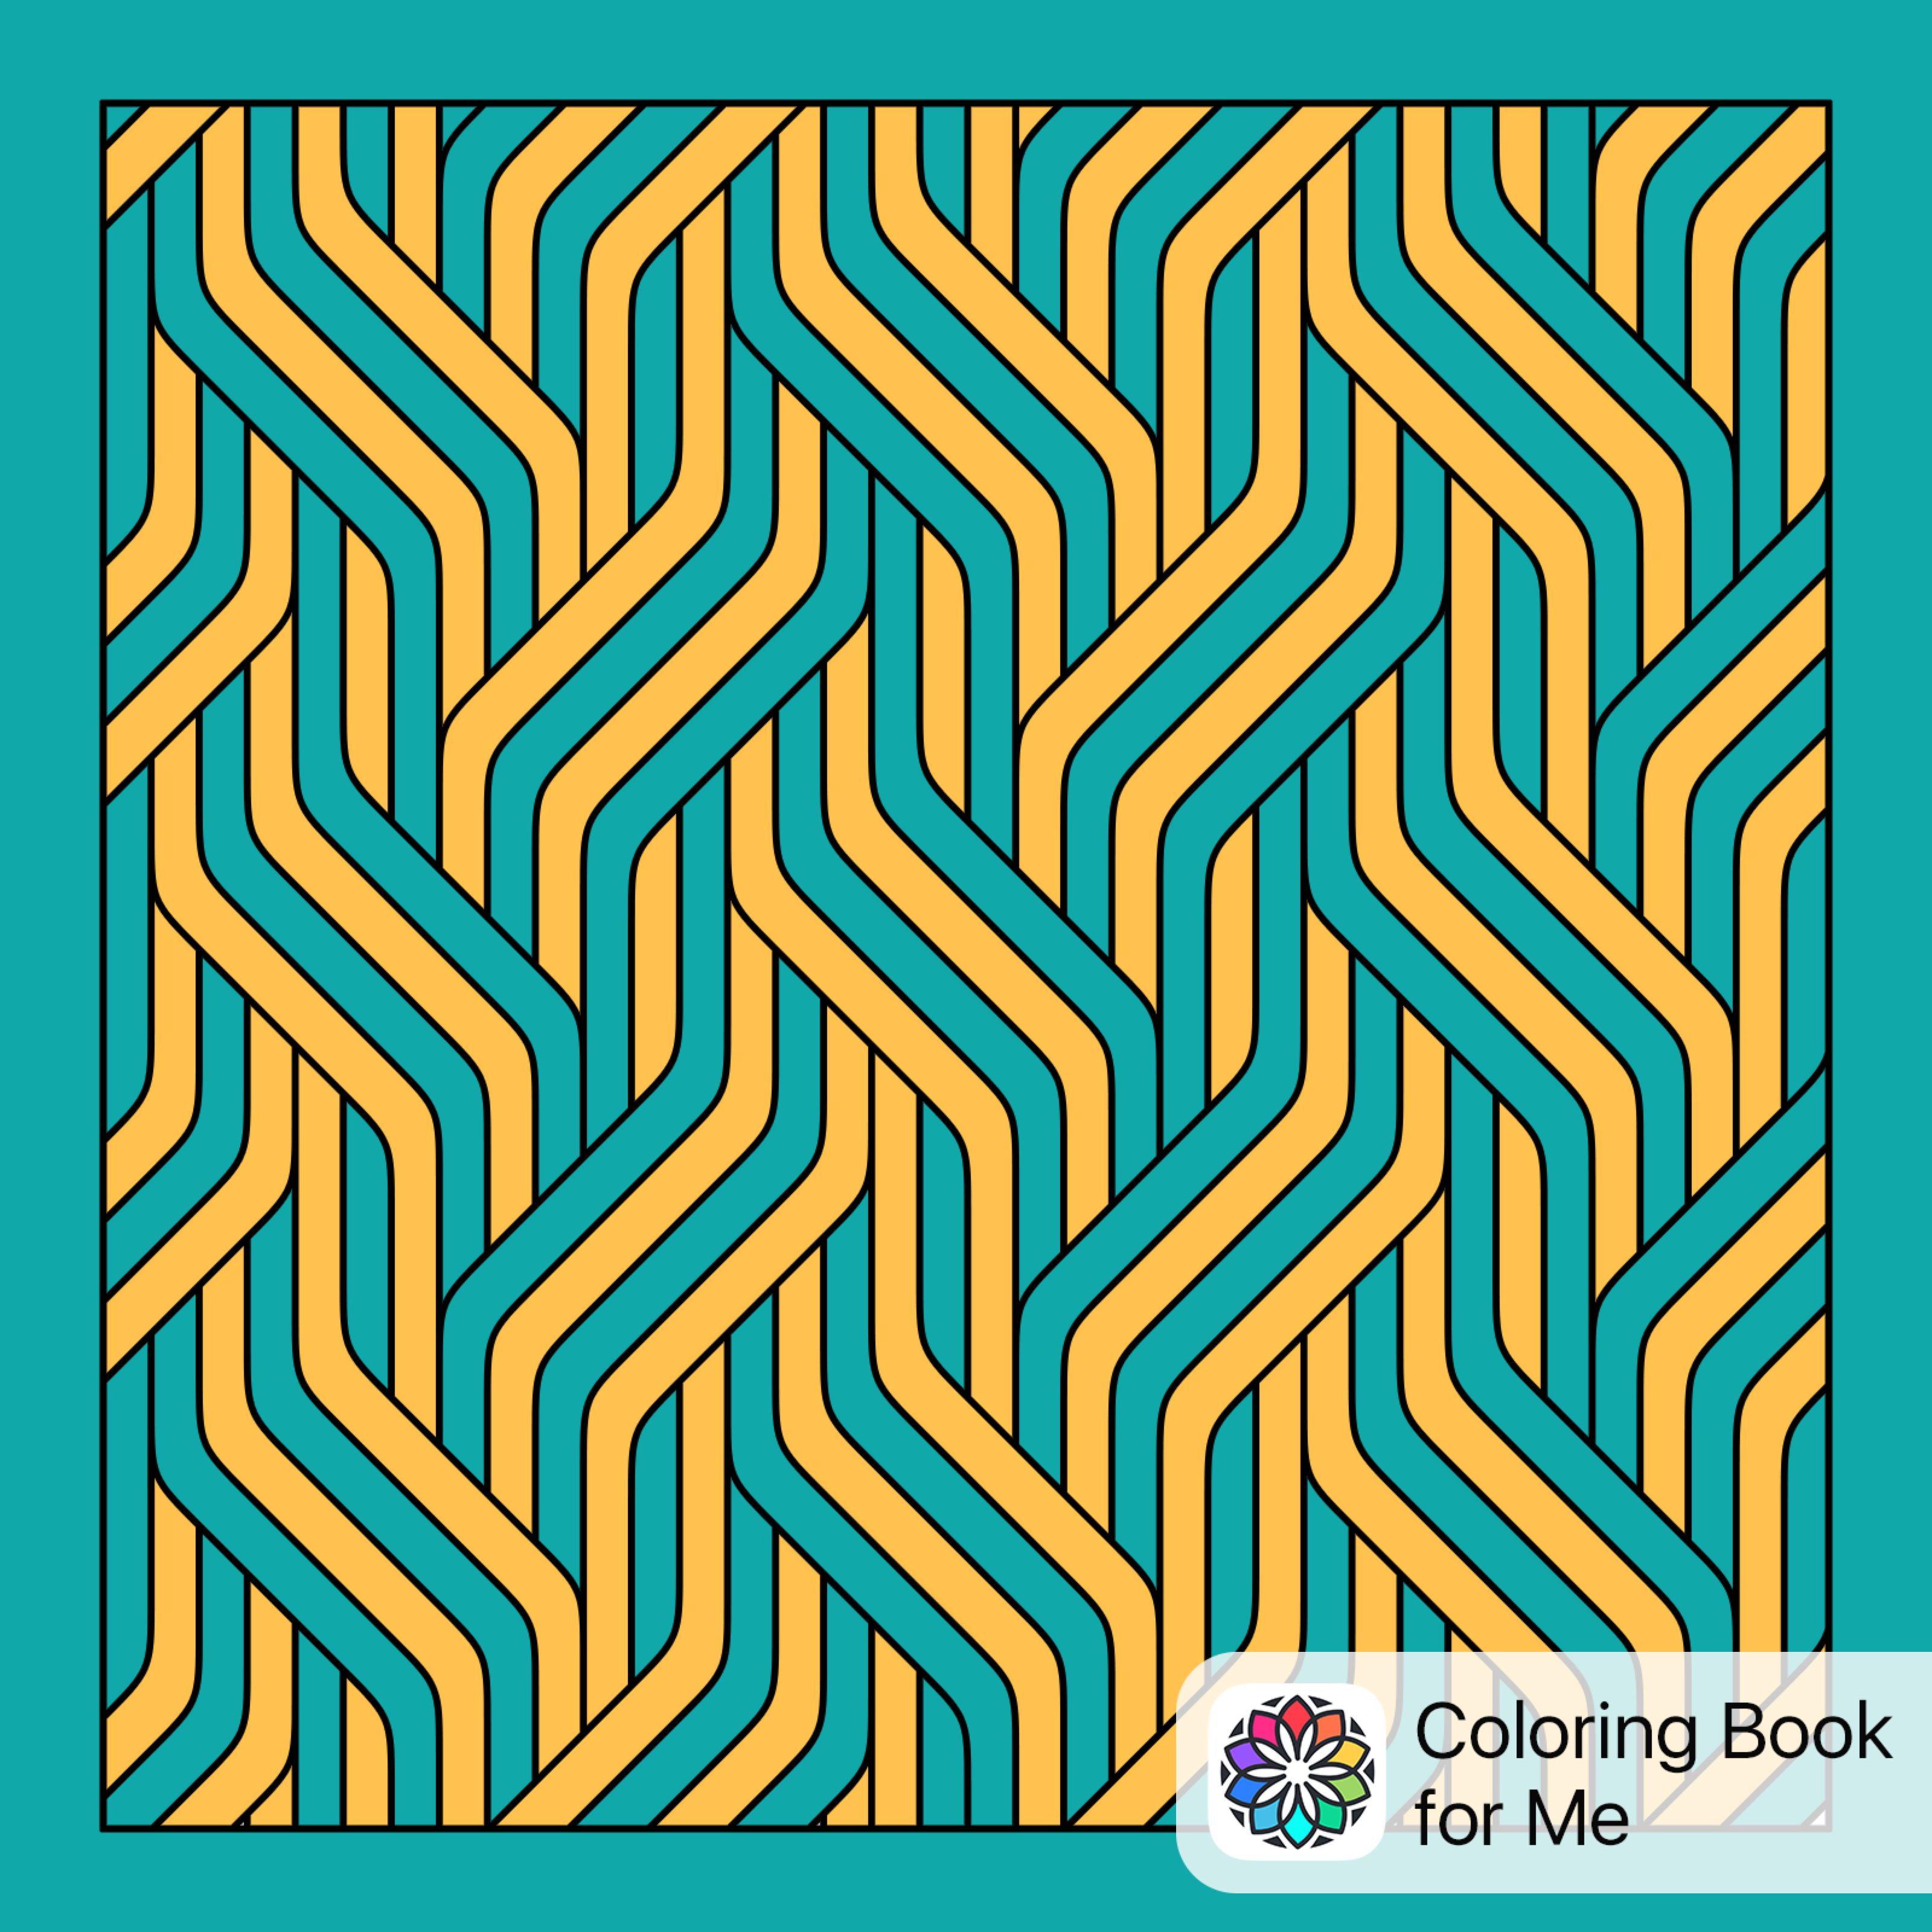 Colorido com: Livro de Colorir para Mim